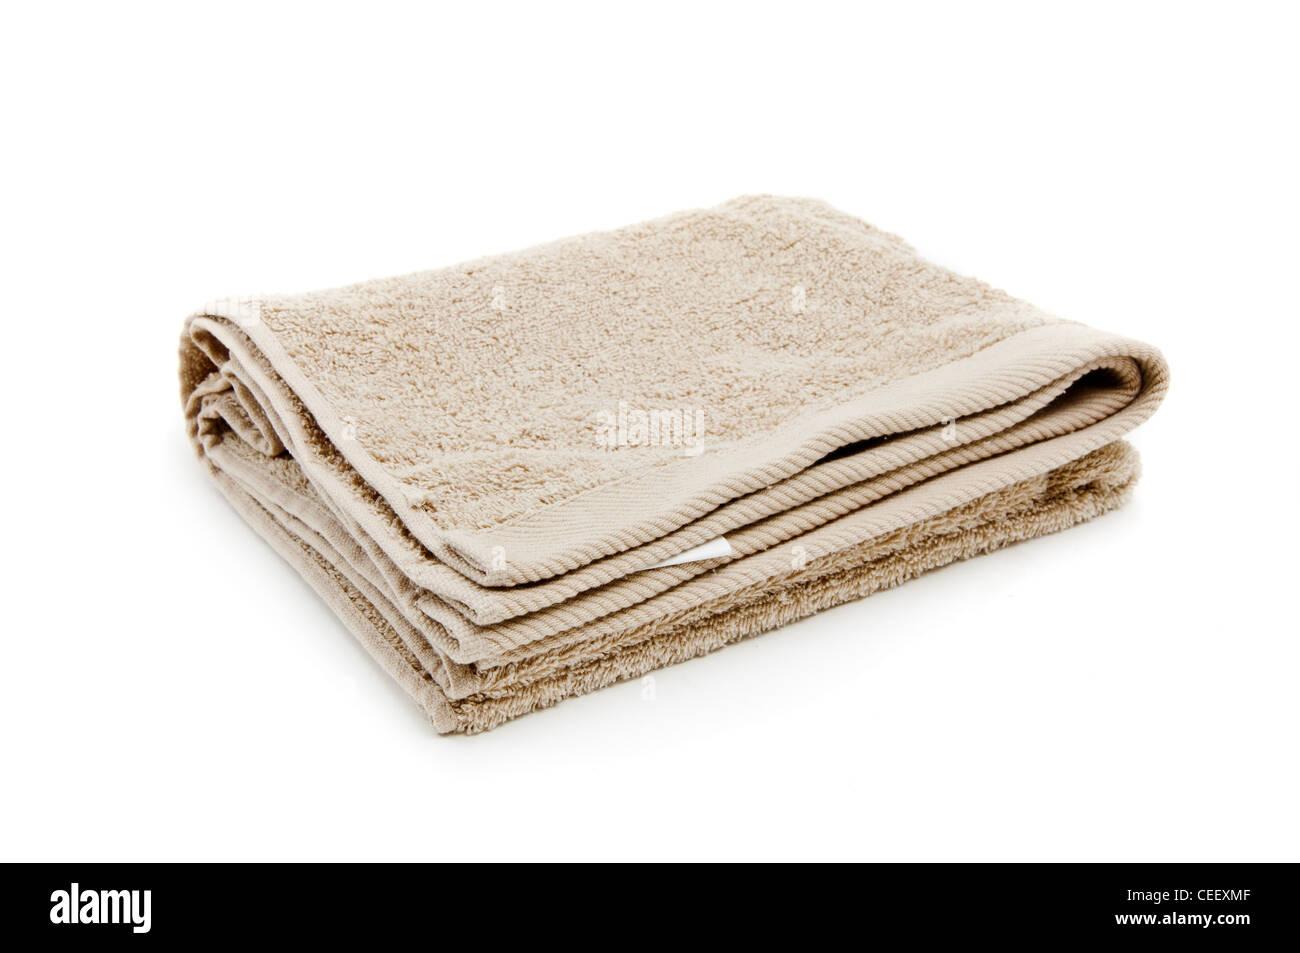 Beautifu toallas nuevas, la imagen está tomada sobre un fondo blanco. Foto de stock